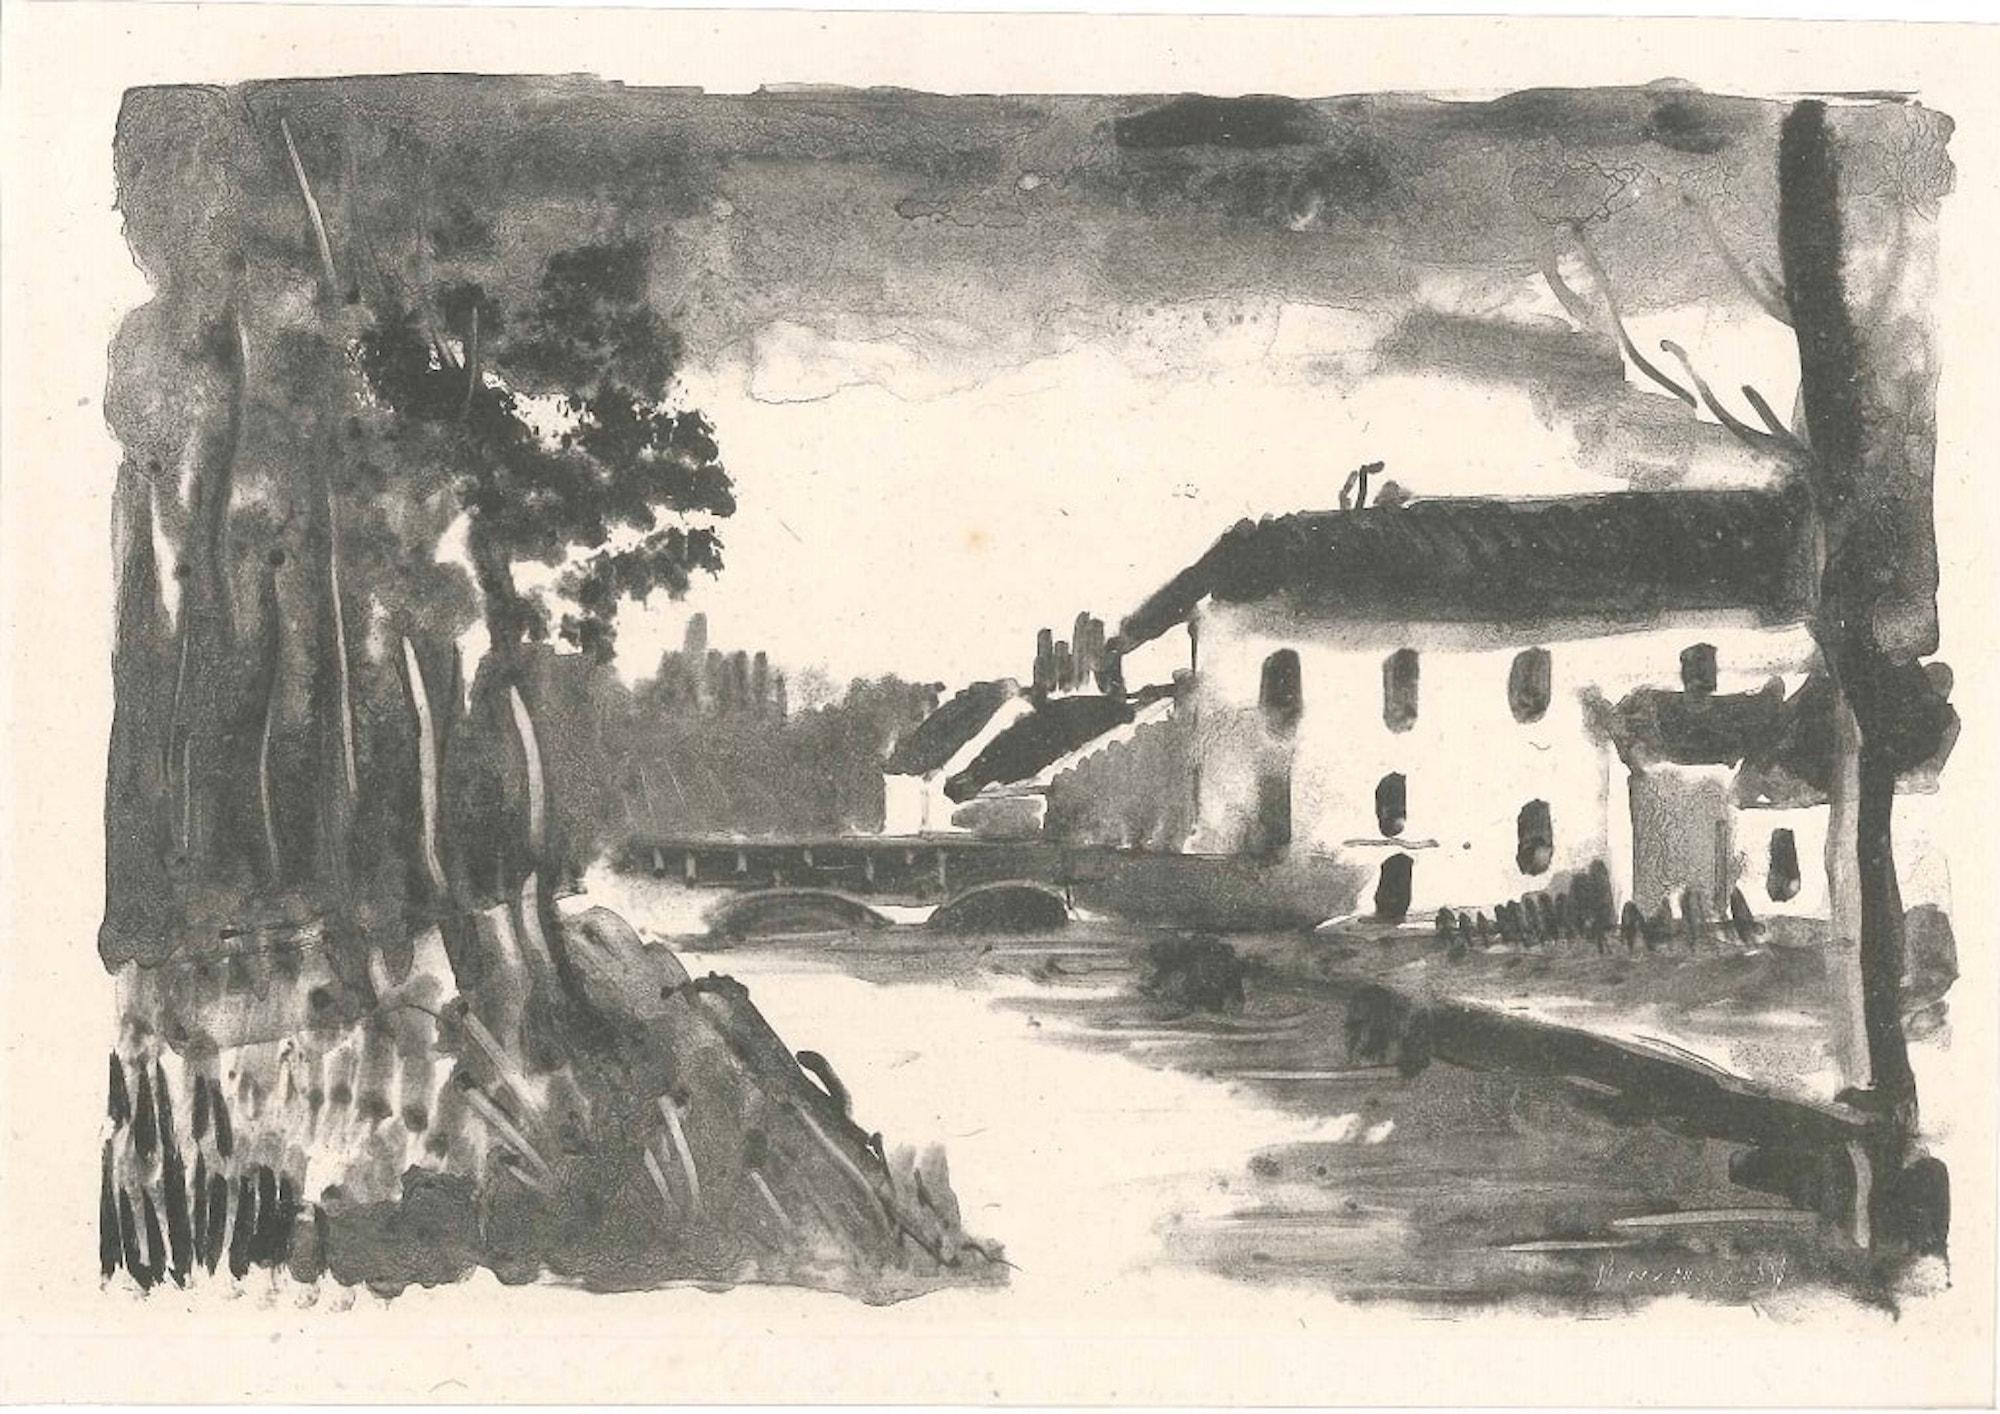 Le Moulin de La Naze - Original lithograph by M. de Vlaminck - 1925-26